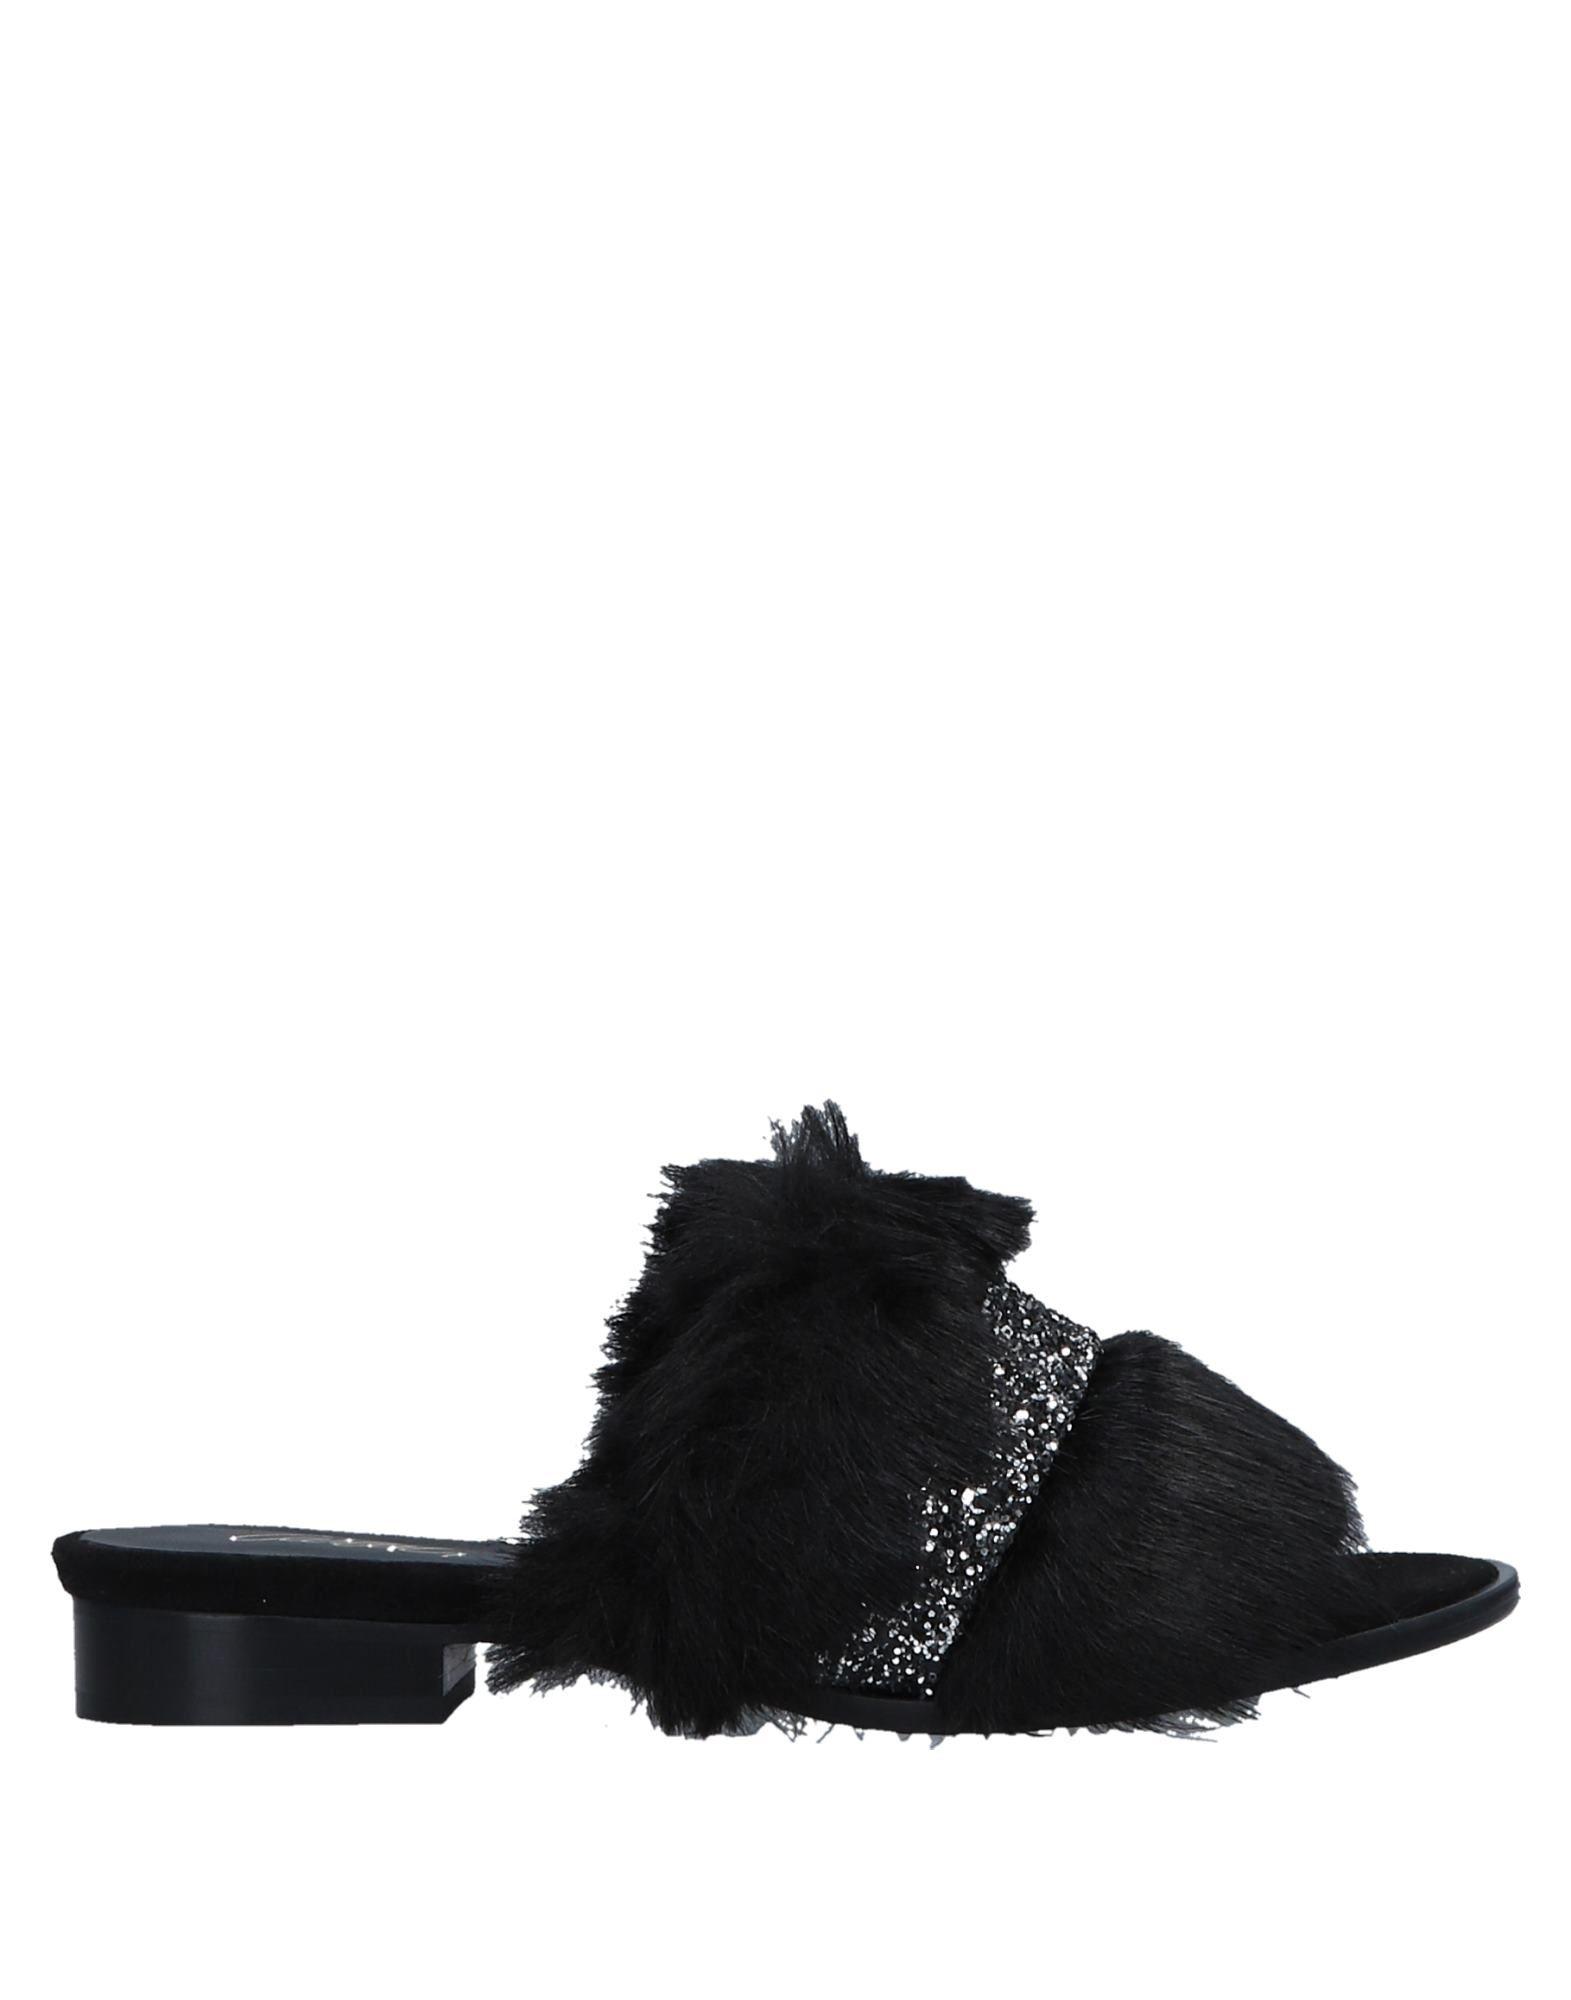 Carla G. Sandalen Damen  11522897RA Gute Qualität beliebte Schuhe